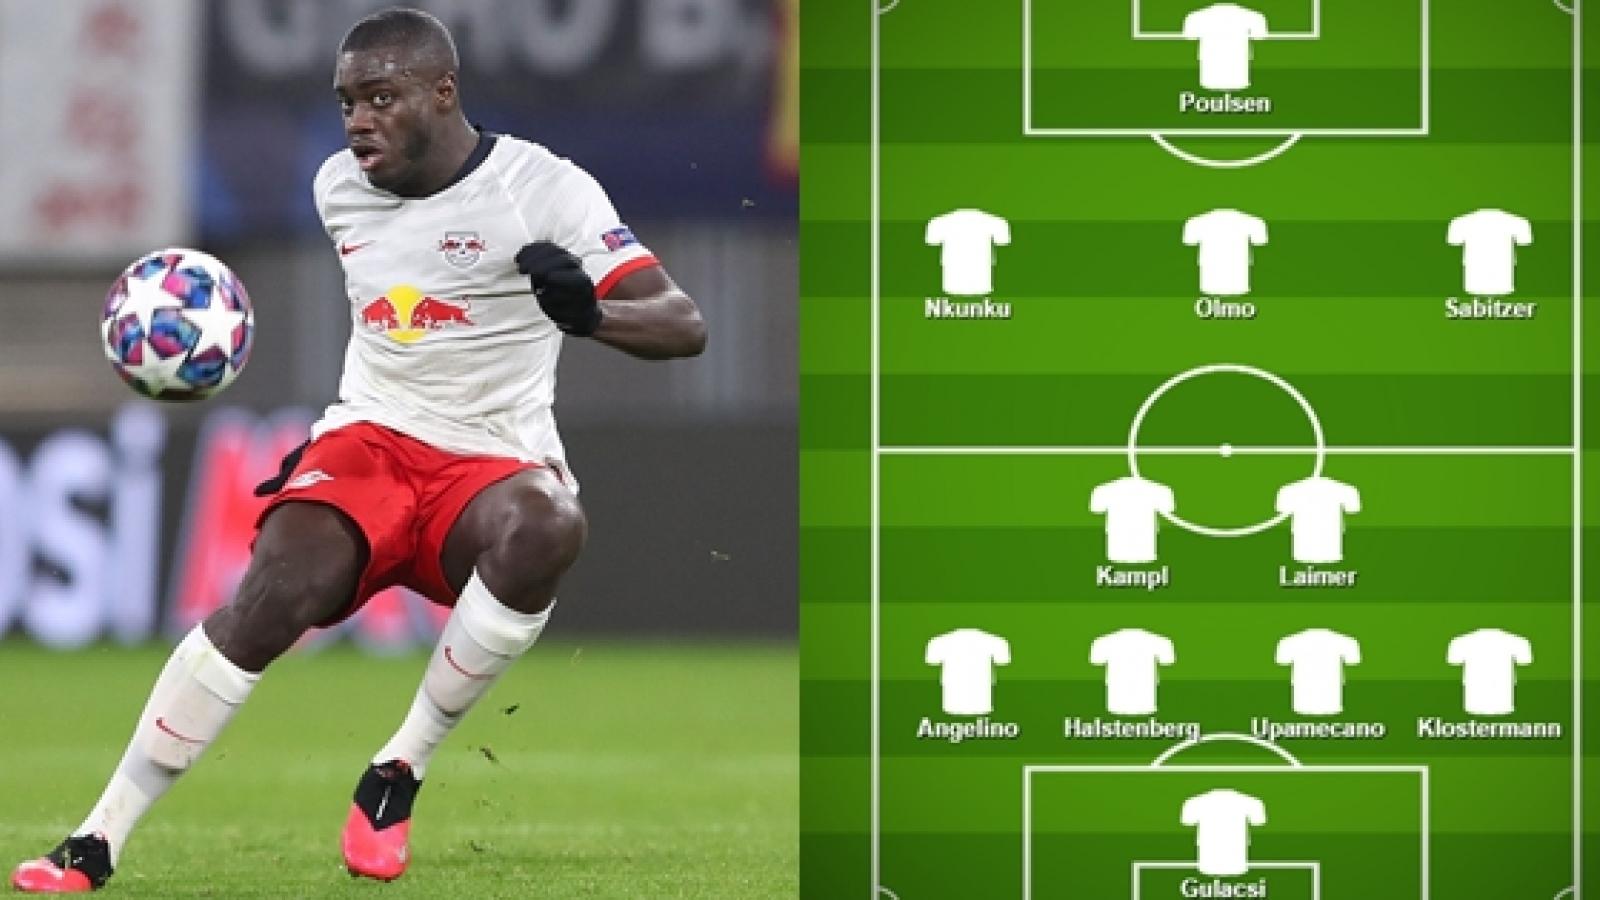 Đội hình dự kiến của Leipzig trước PSG: Upamecano là tâm điểm chú ý